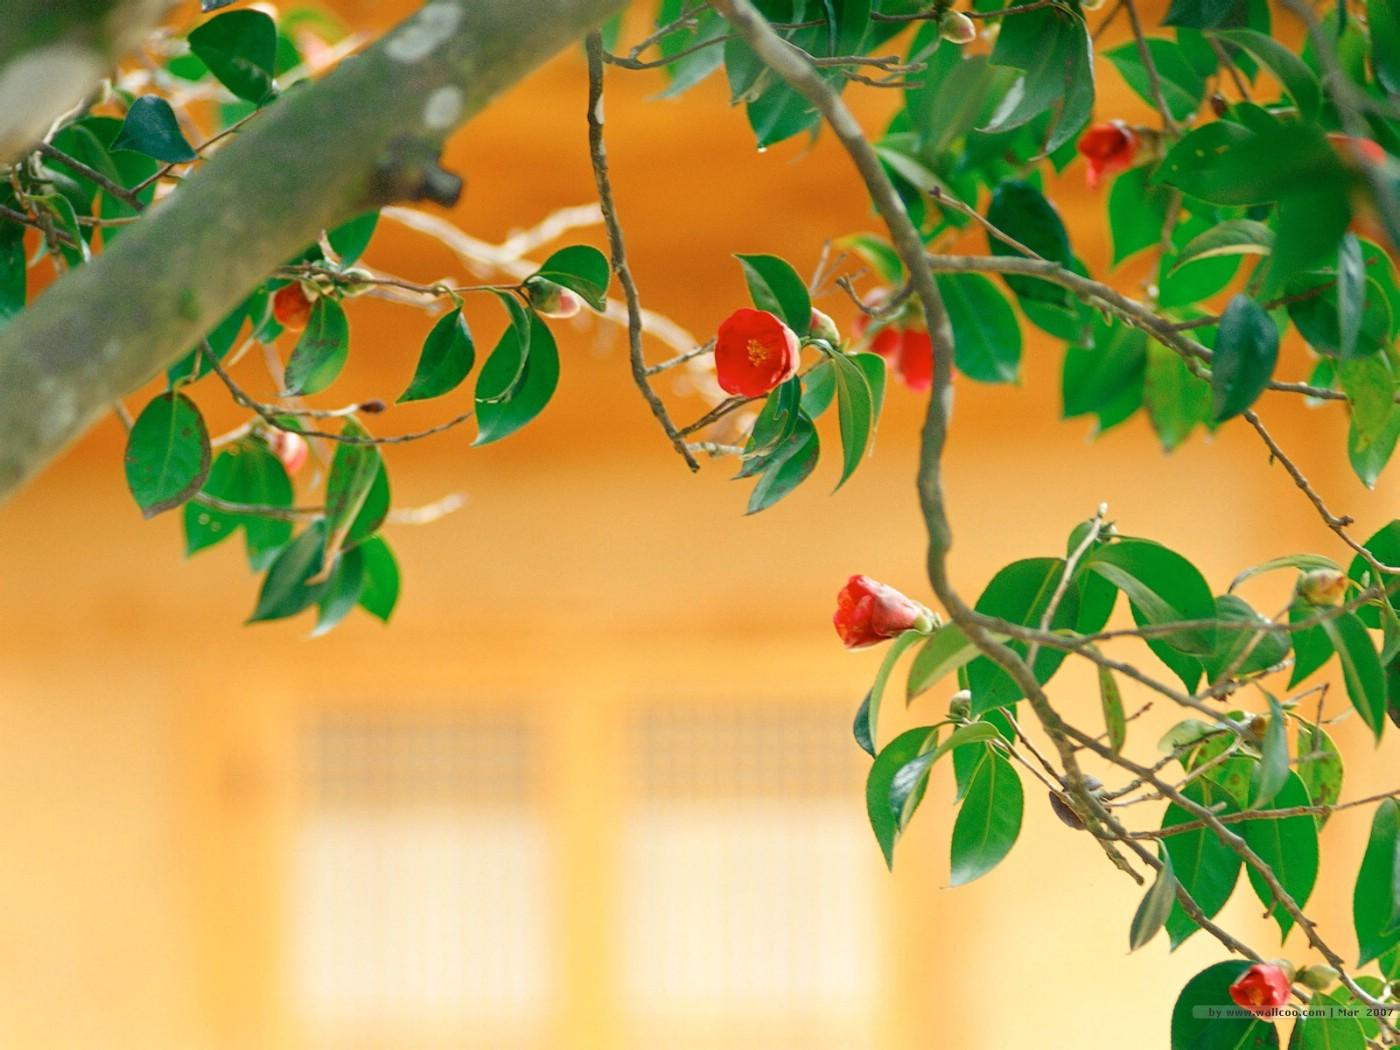 壁纸1400×1050二 春天花卉图片壁纸 Desktop Wallpaper of Spring Flowers壁纸 春暖花开壁纸图片花卉壁纸花卉图片素材桌面壁纸